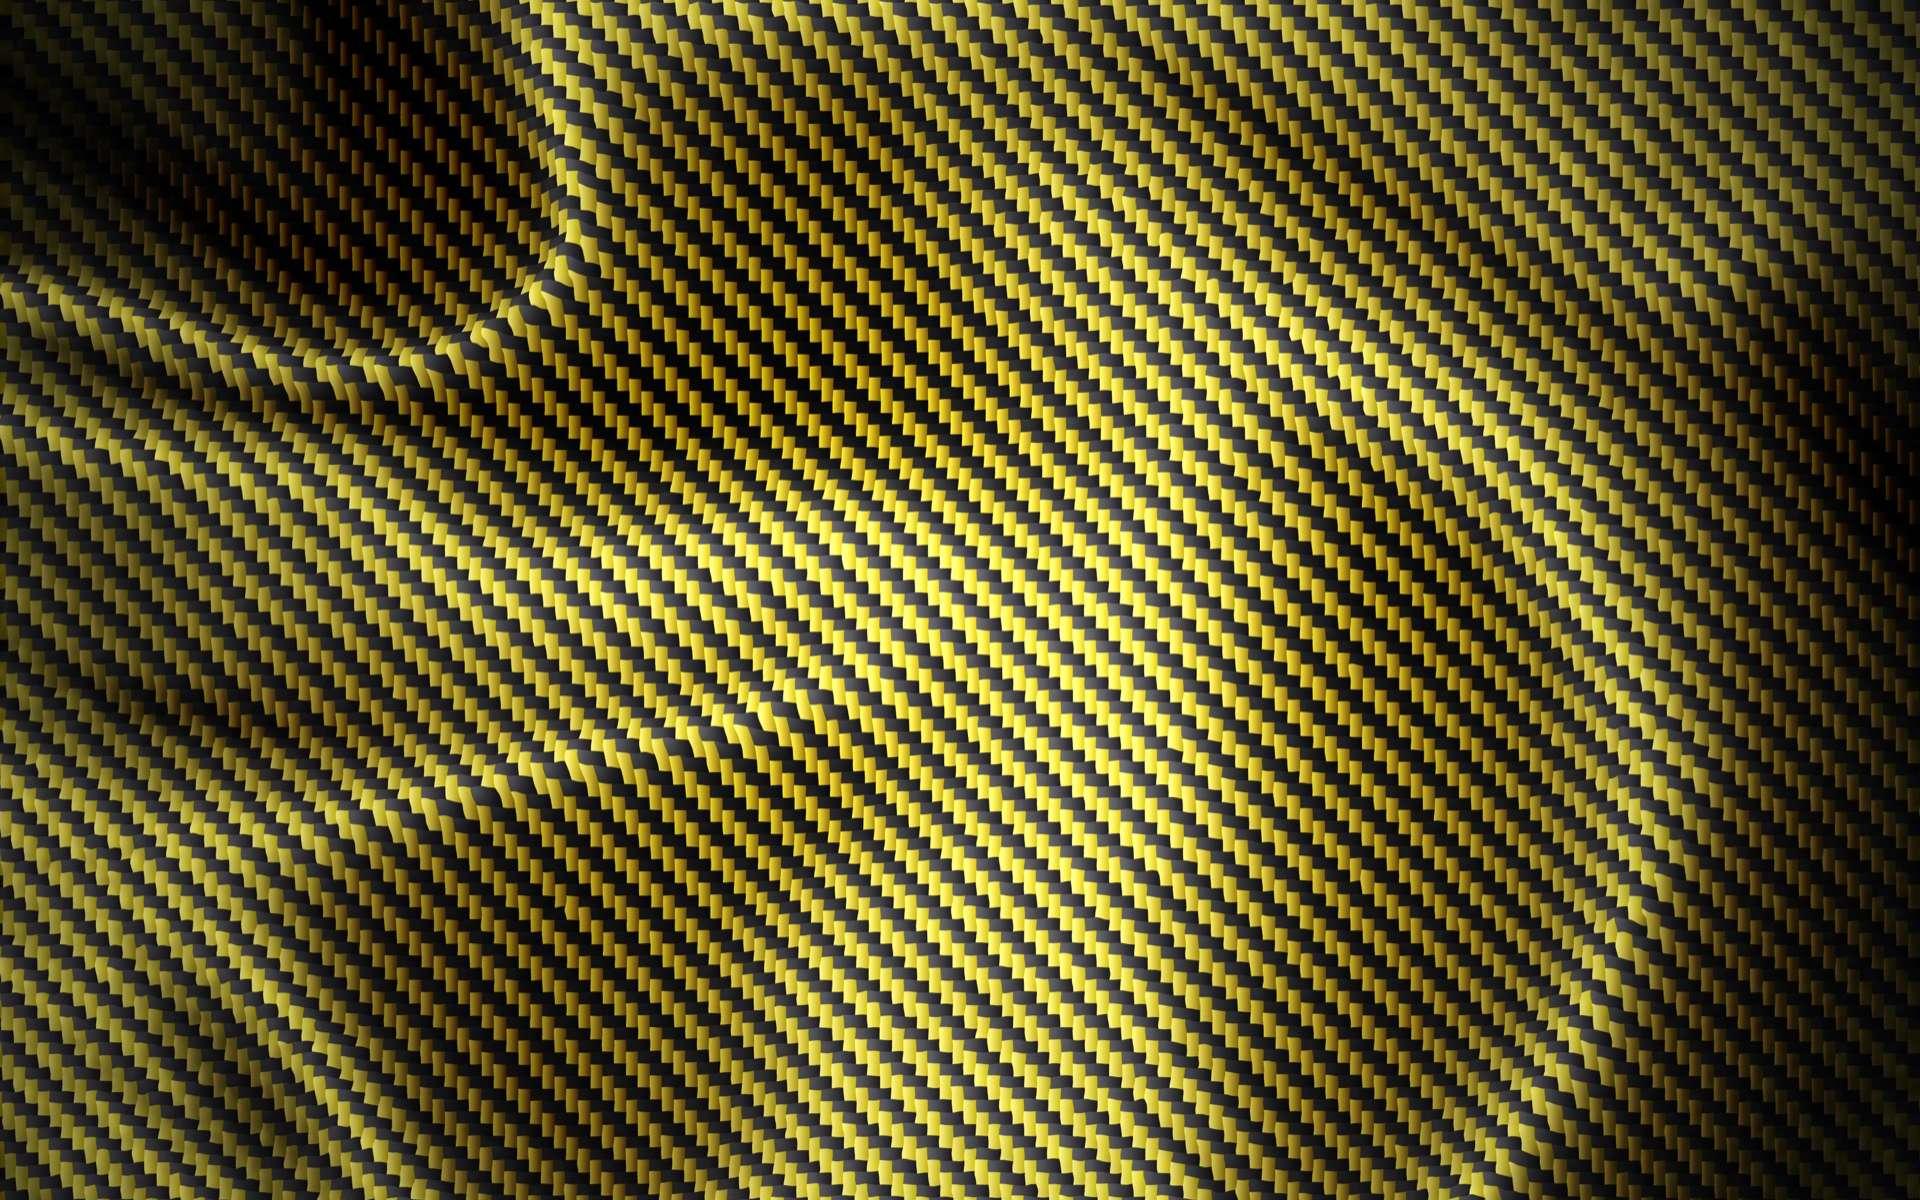 Le Kevlar® est une fibre aramide très résistante aux chocs, au cisaillement et à l'élongation. © Audrey, Adobe Stock